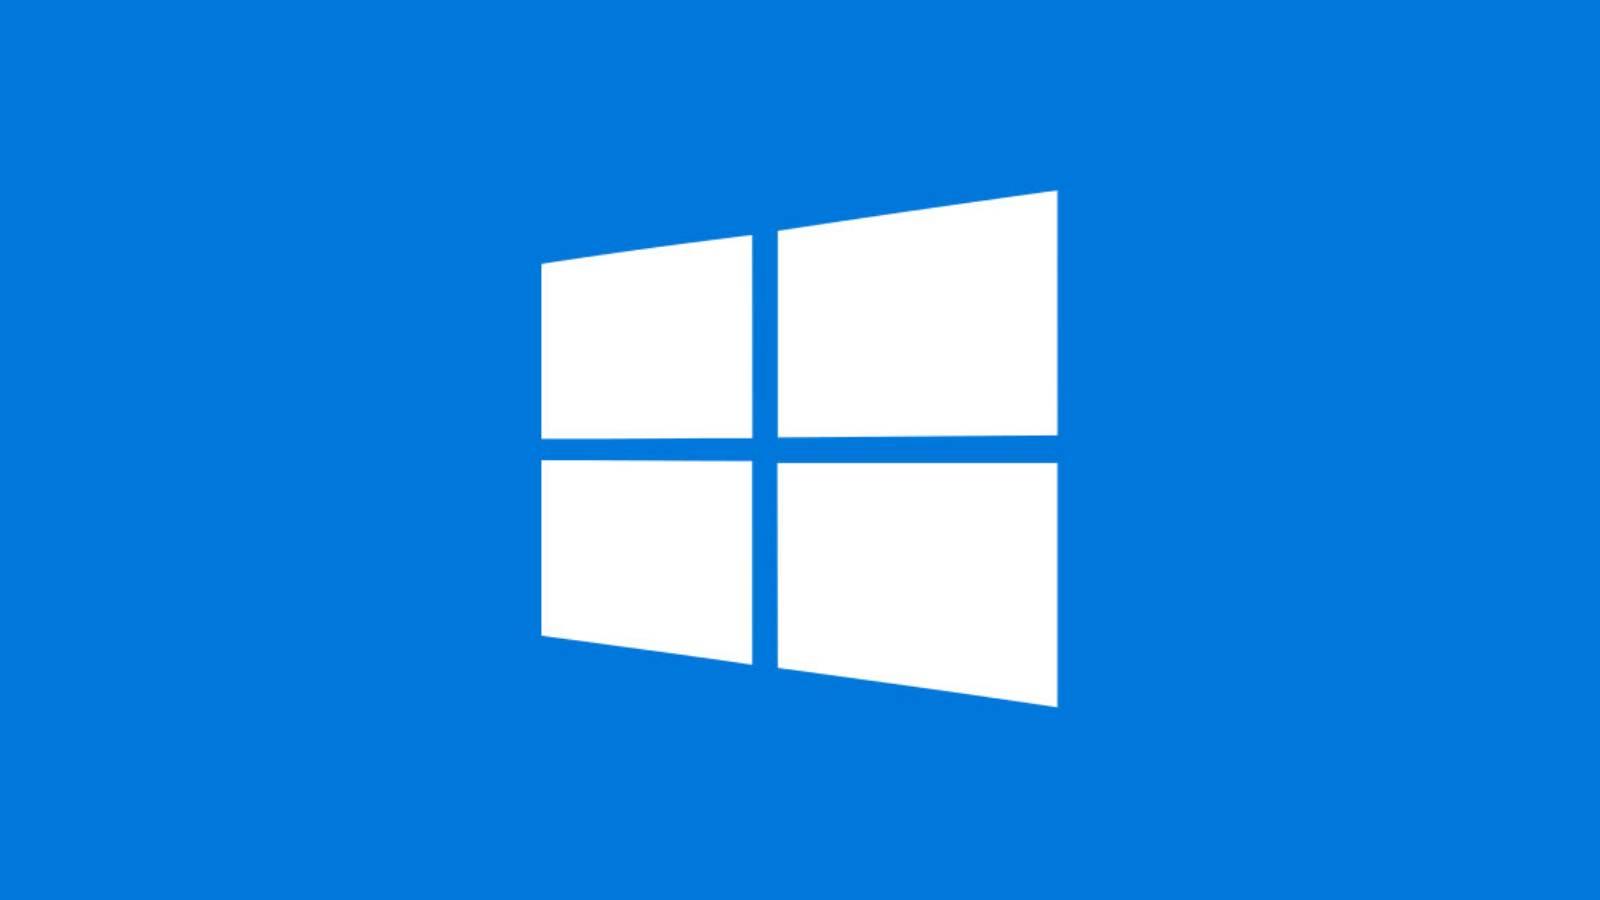 Windows 10 h22020